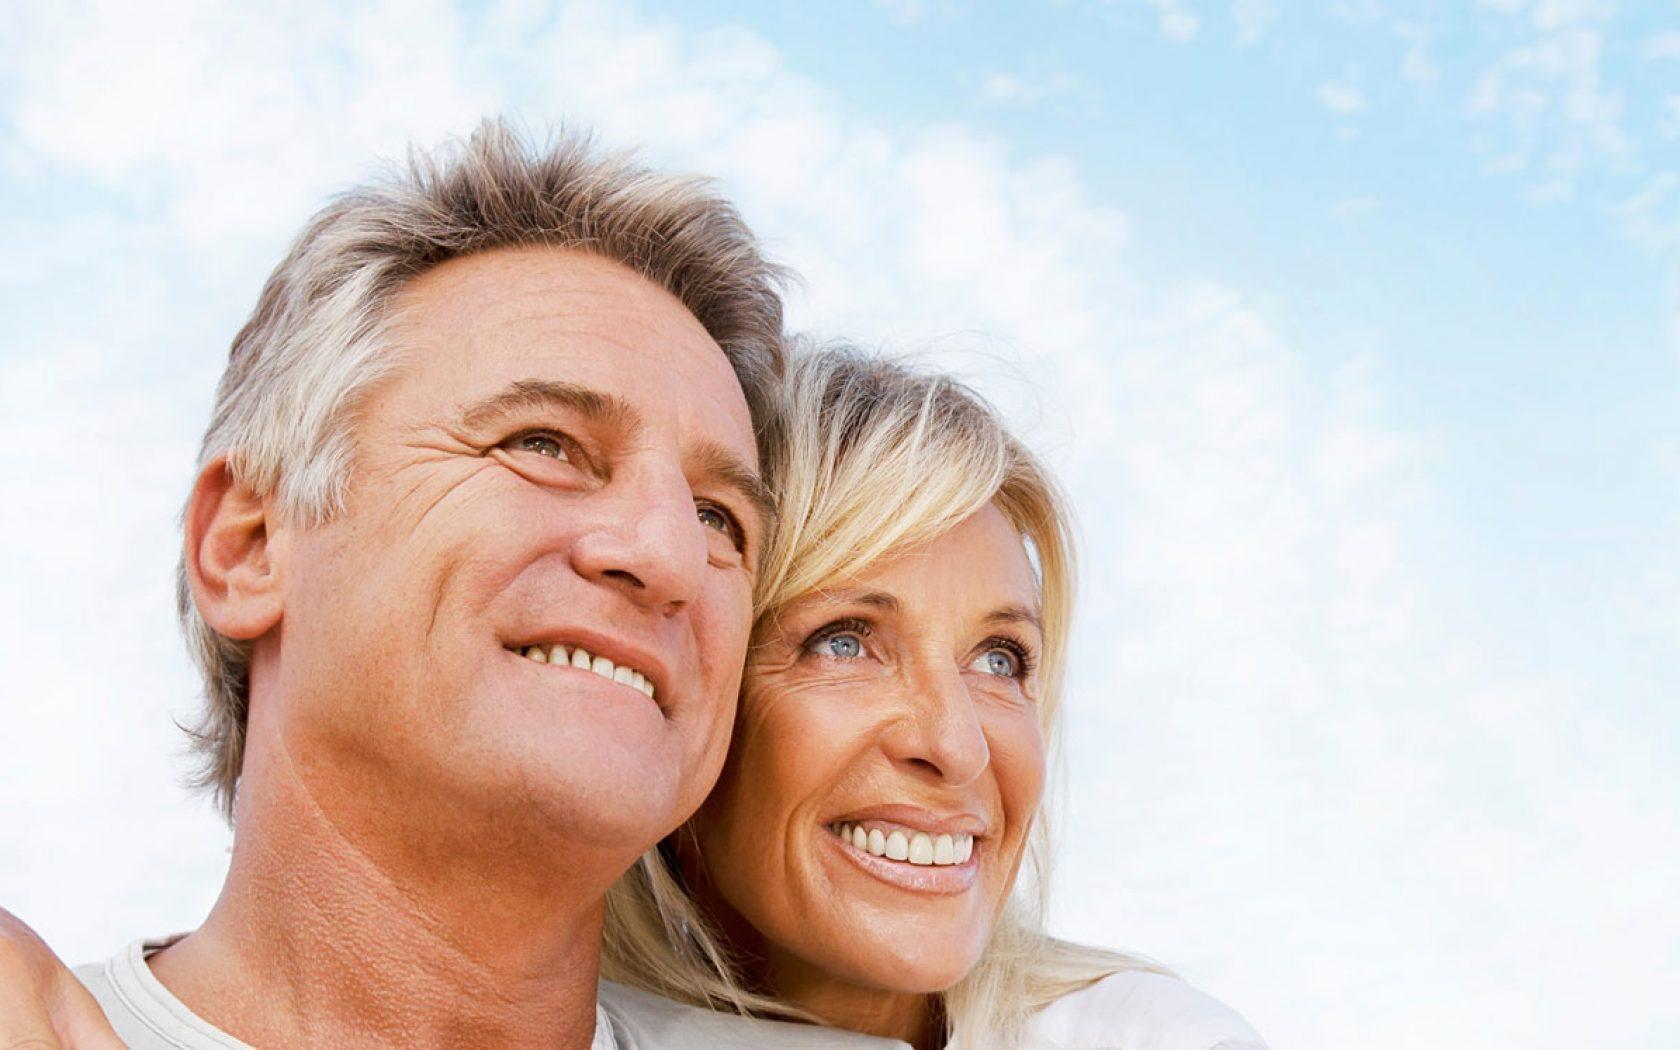 Αραιώνουν τα δόντια σας και παρουσιάζουν κινητικότητα;